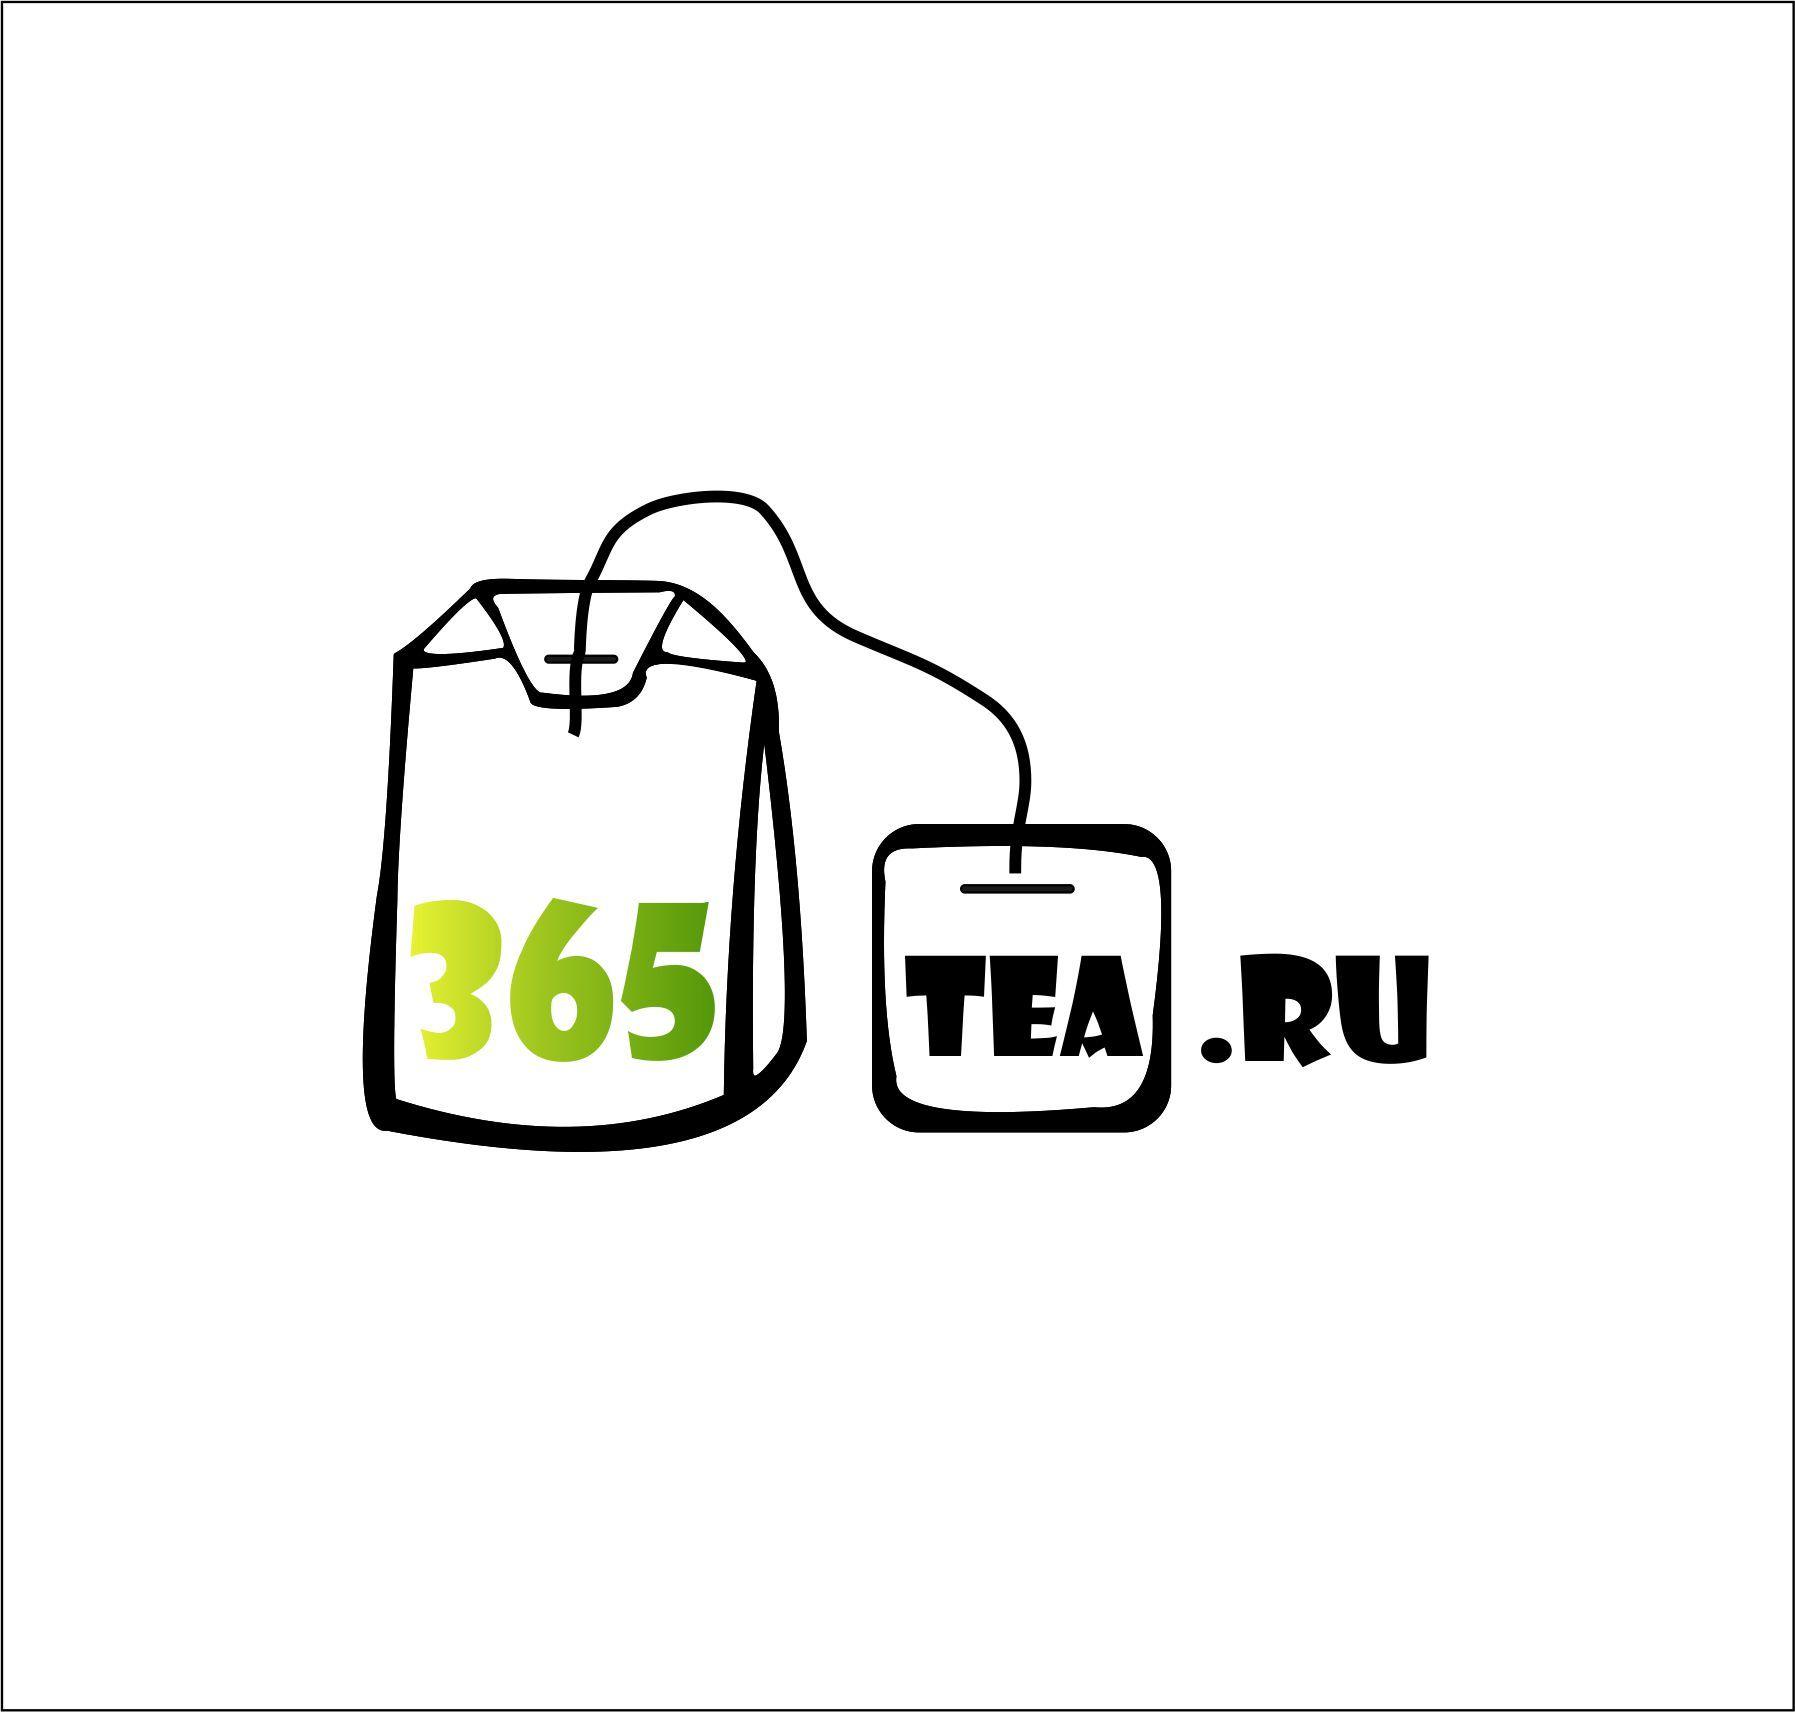 Логотип для 365tea.ru или 365TEA.RU - дизайнер denalena